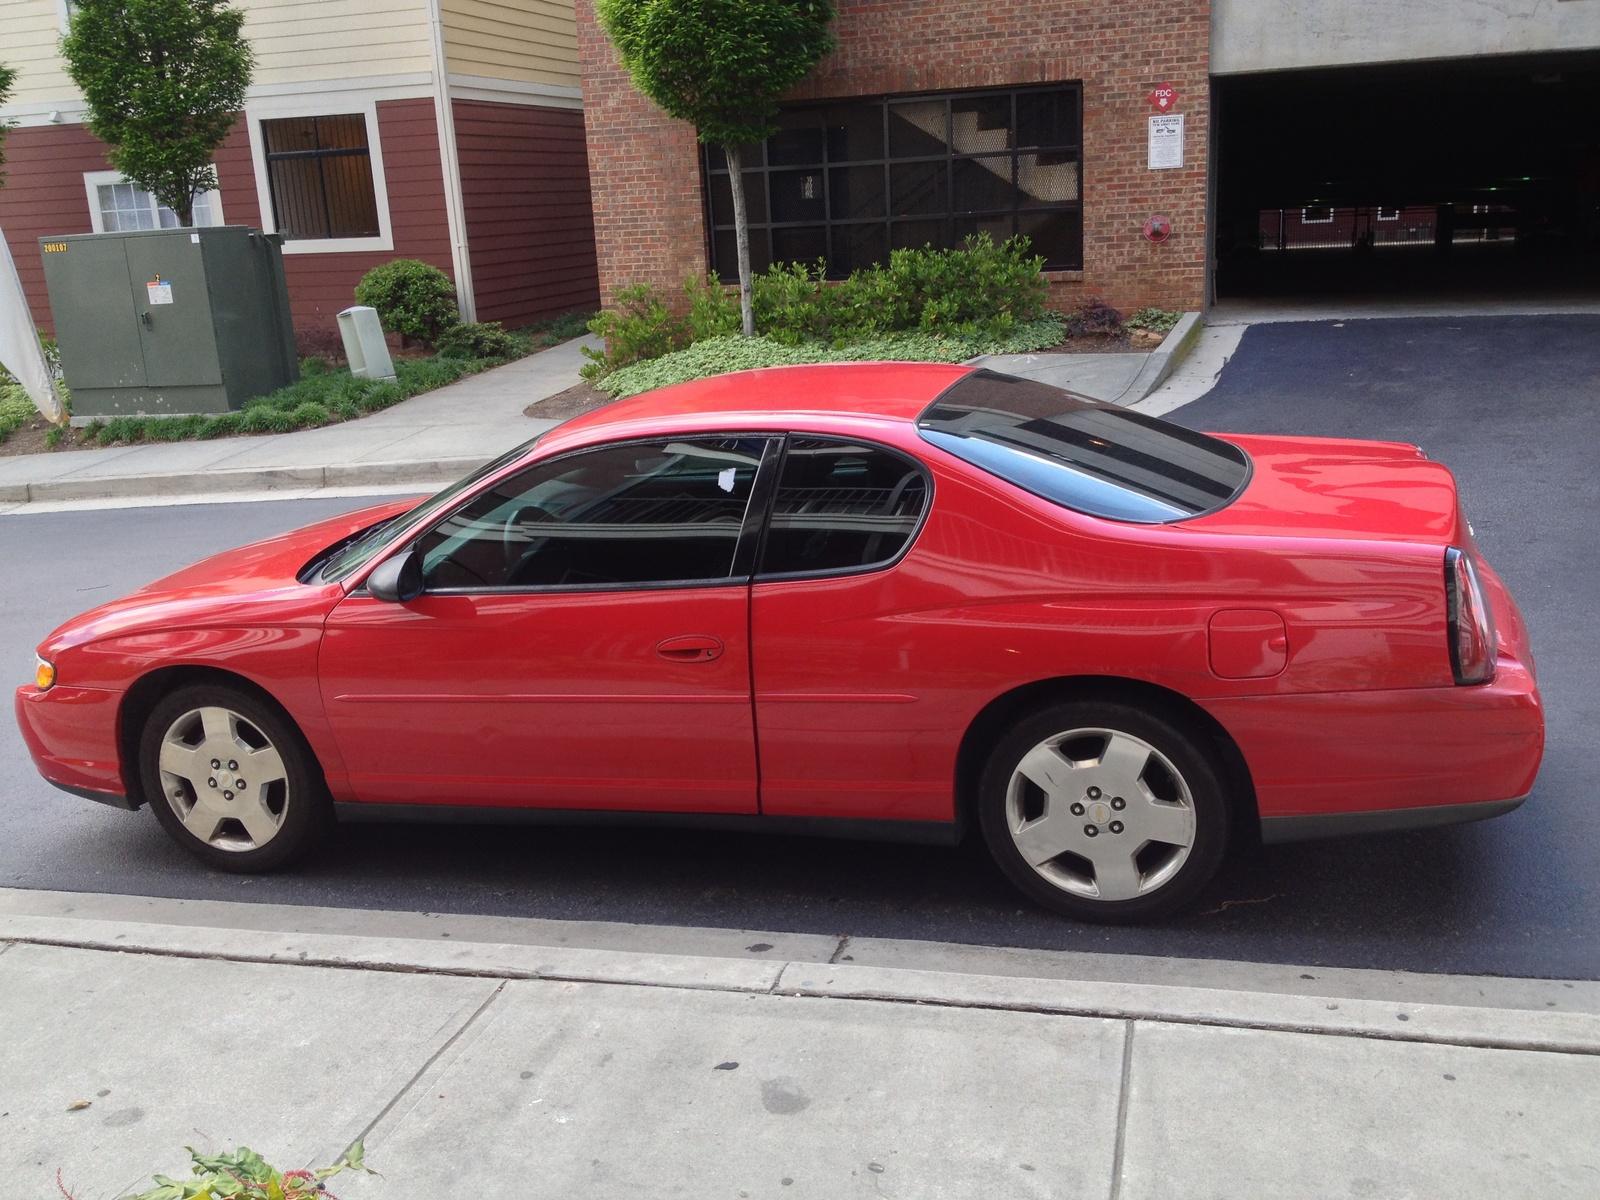 2002 chevrolet impala transmission problems complaints. Black Bedroom Furniture Sets. Home Design Ideas